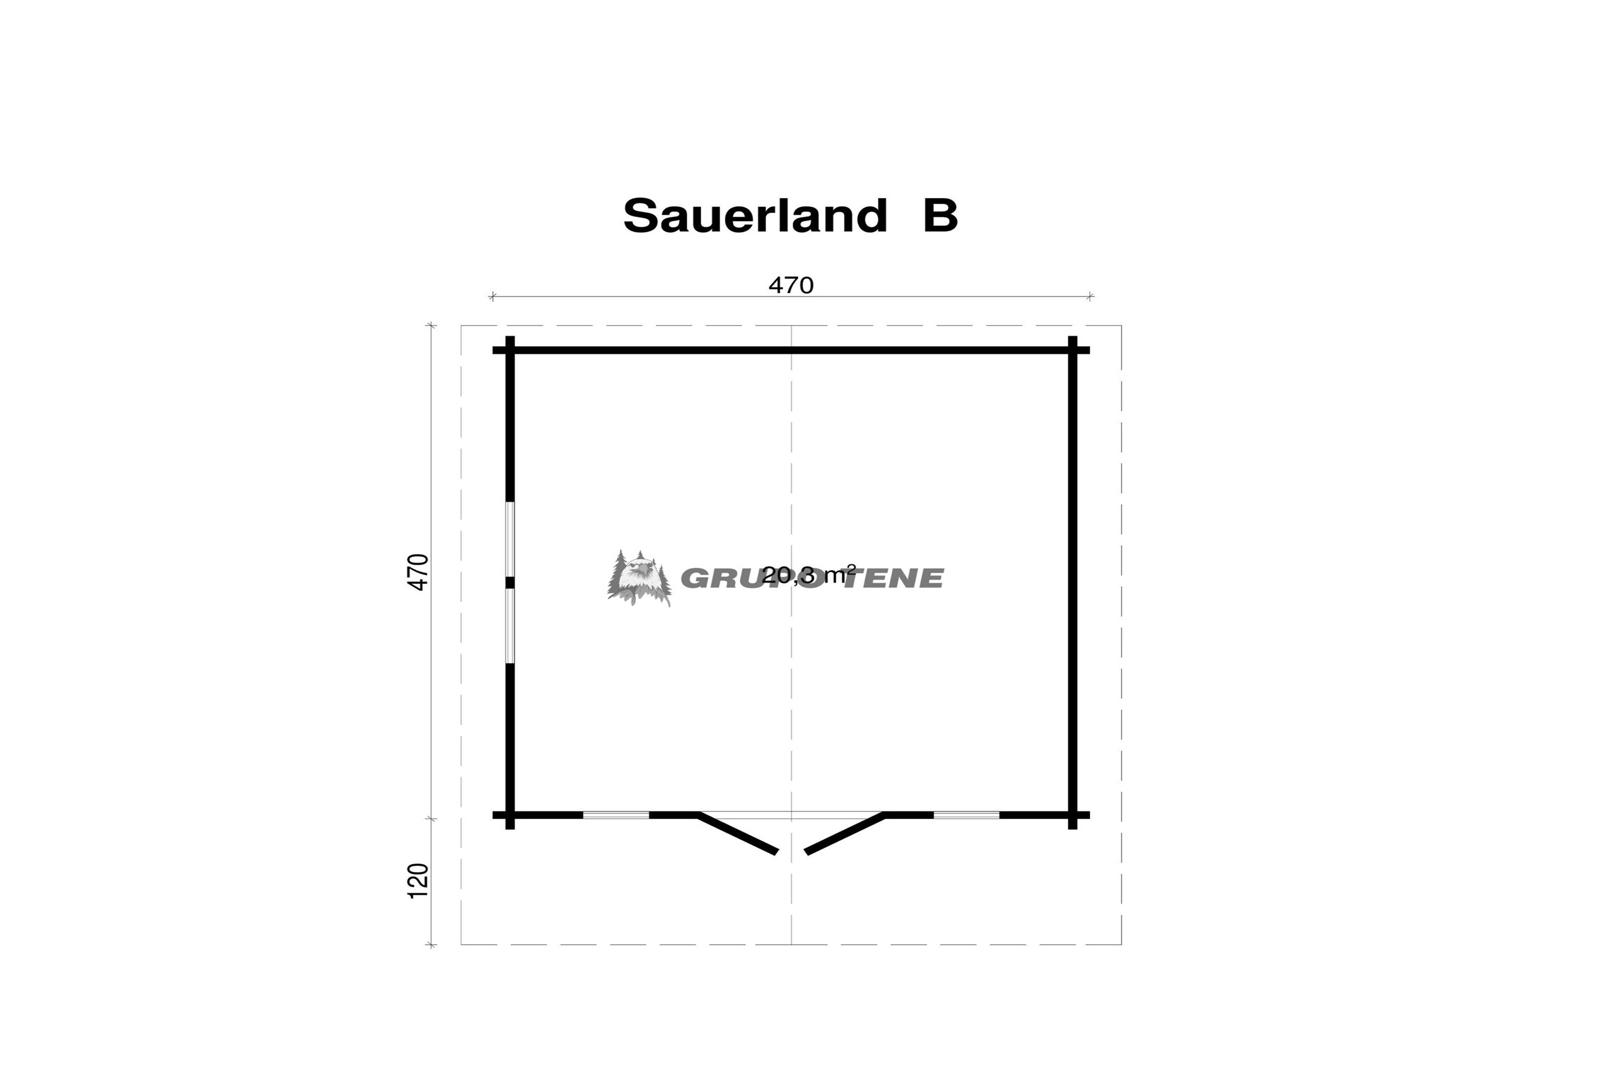 plano sauerland b